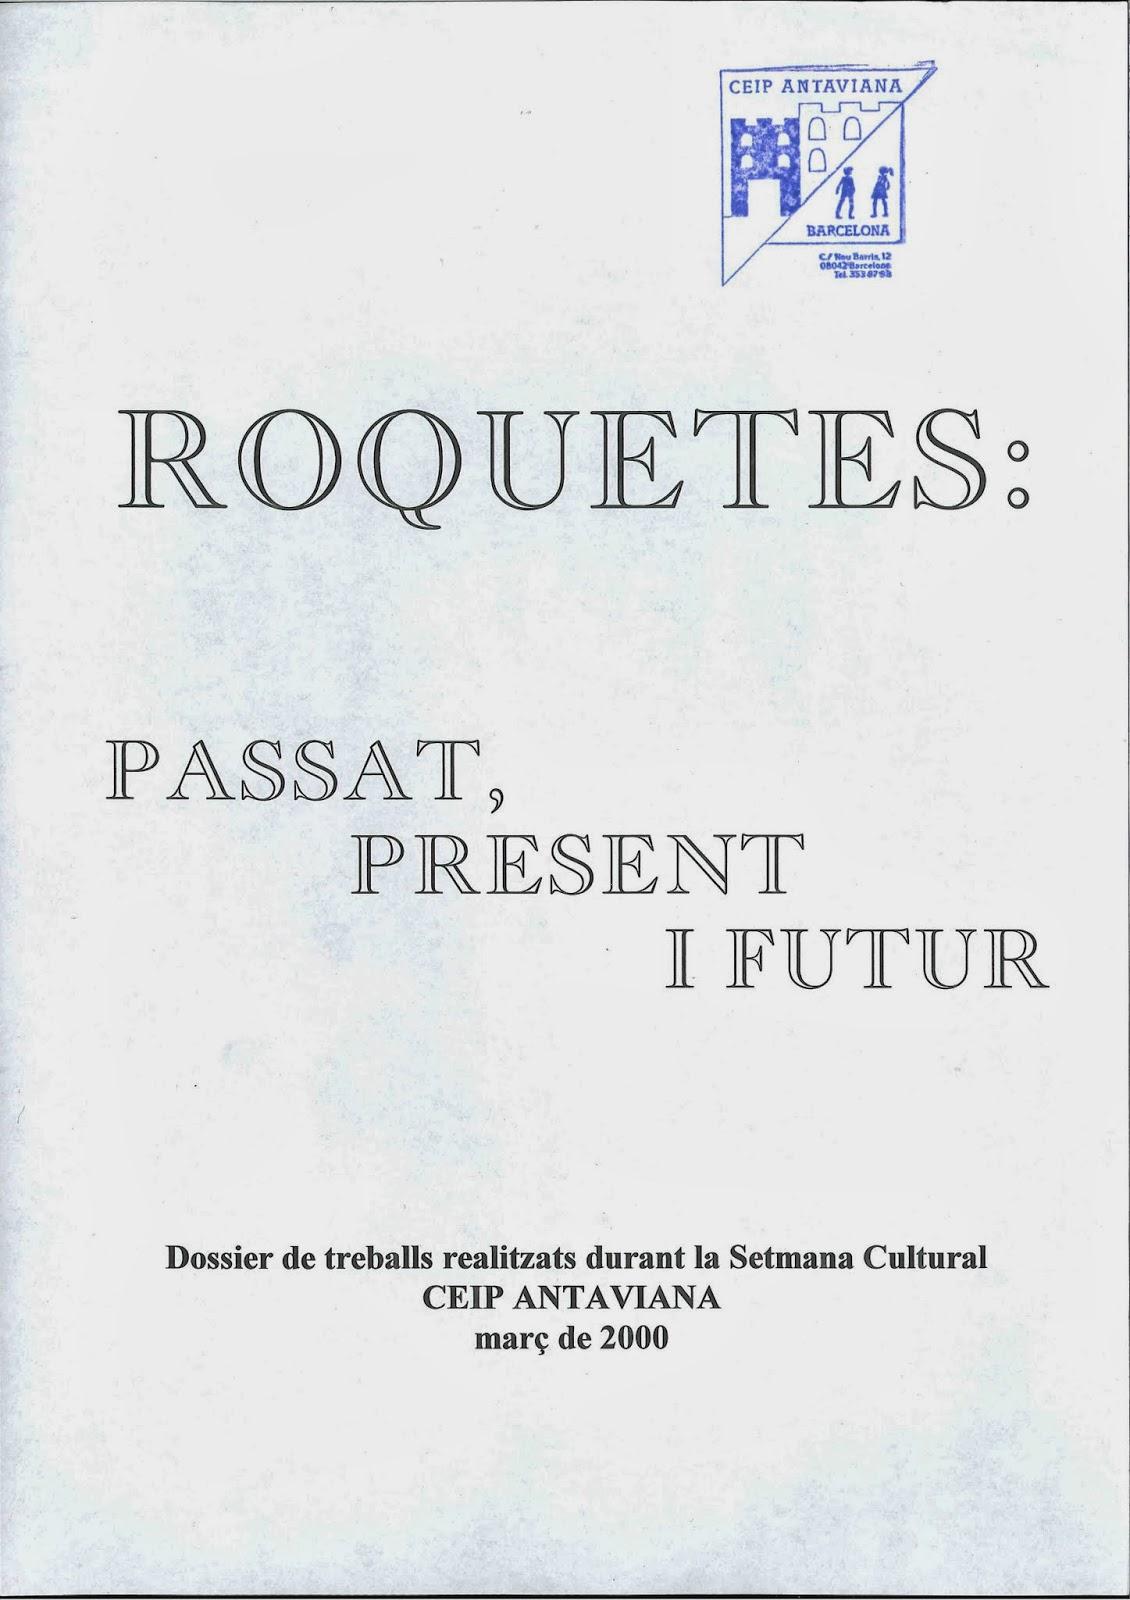 http://issuu.com/blocsdantaviana/docs/roquetes_passat...1___part